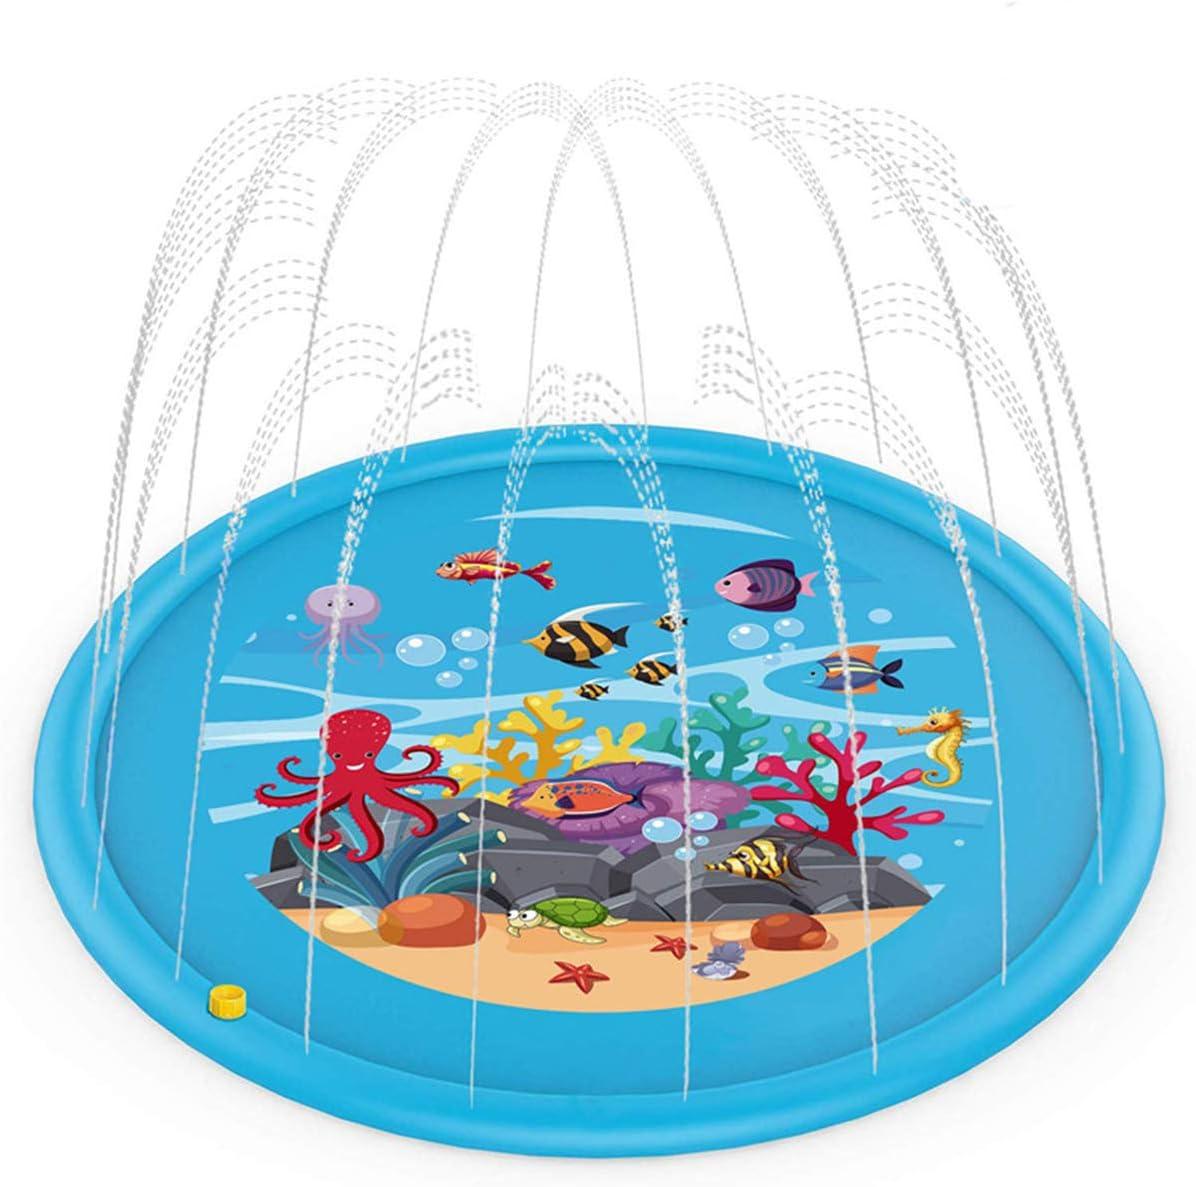 170cm Durchmesser Sprinkler Spielmatte Wasserspielzeug Garten Perfekt f/ür Kinder//Haustiere und Familienaktivit/äten im Freien DENNIS Splash Pad Kinder Wasserspielmatte